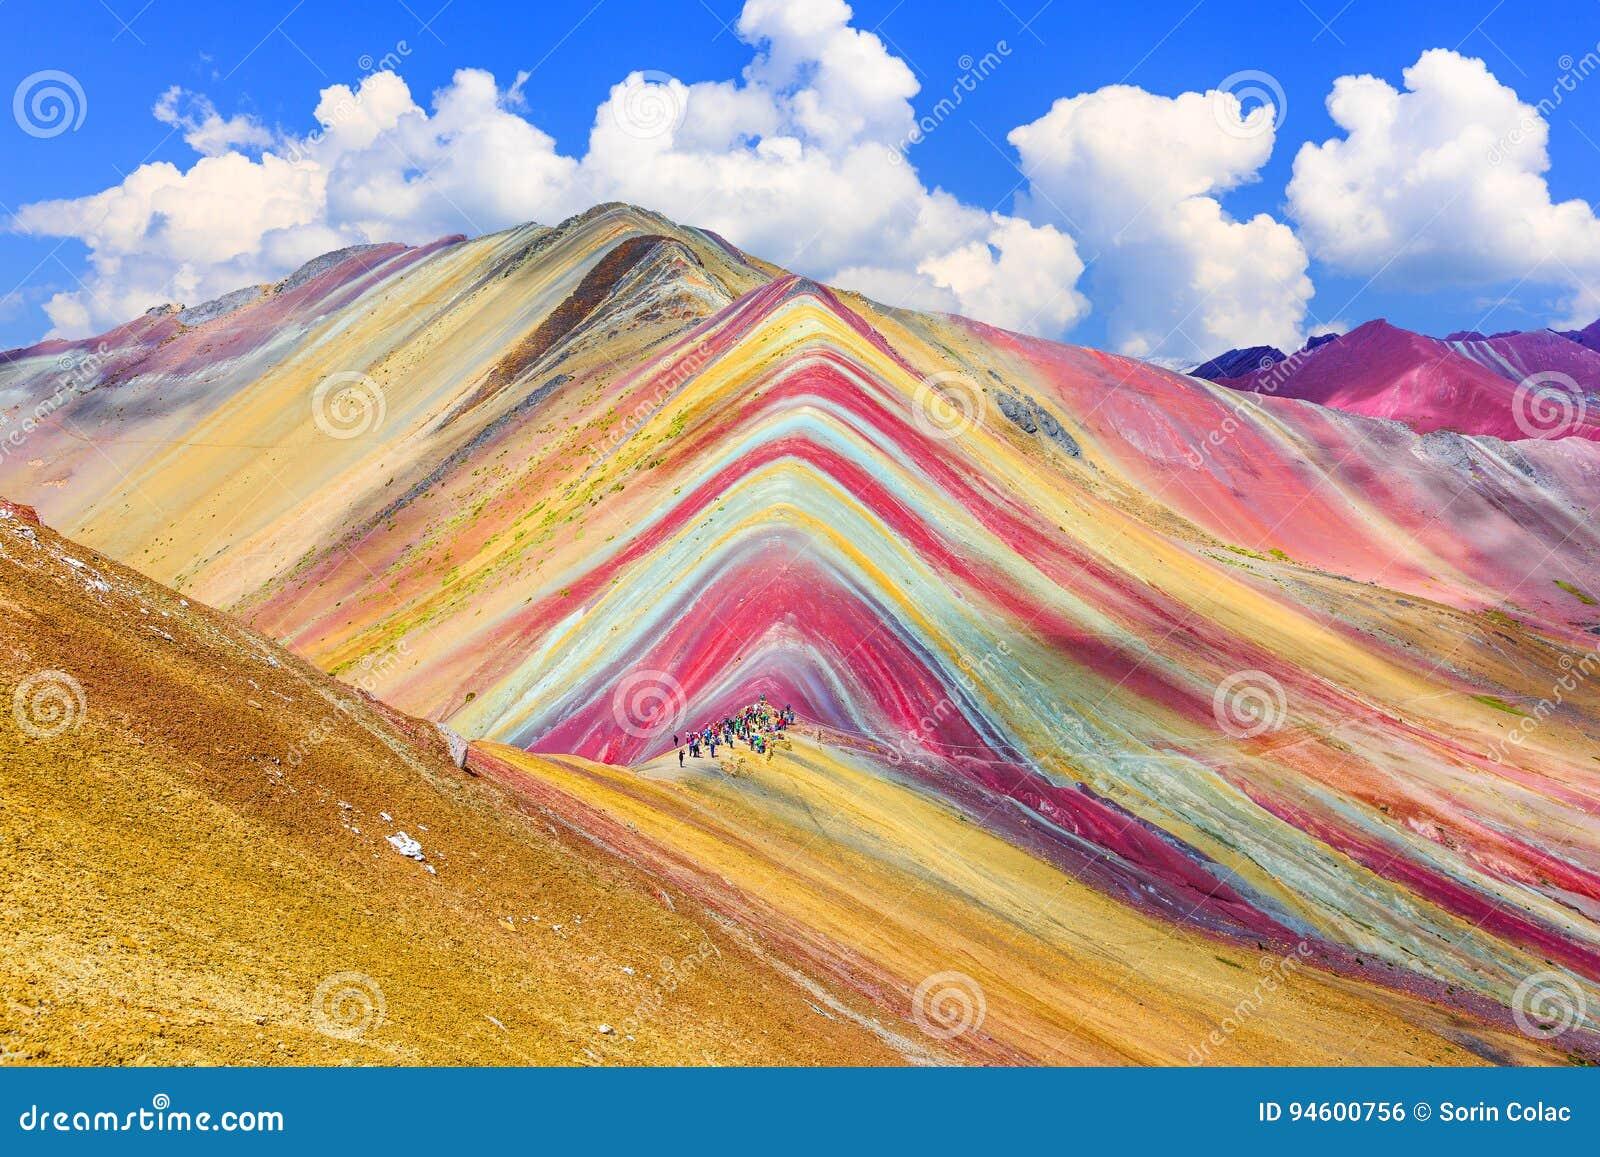 Vinicunca, região de Cusco, Peru